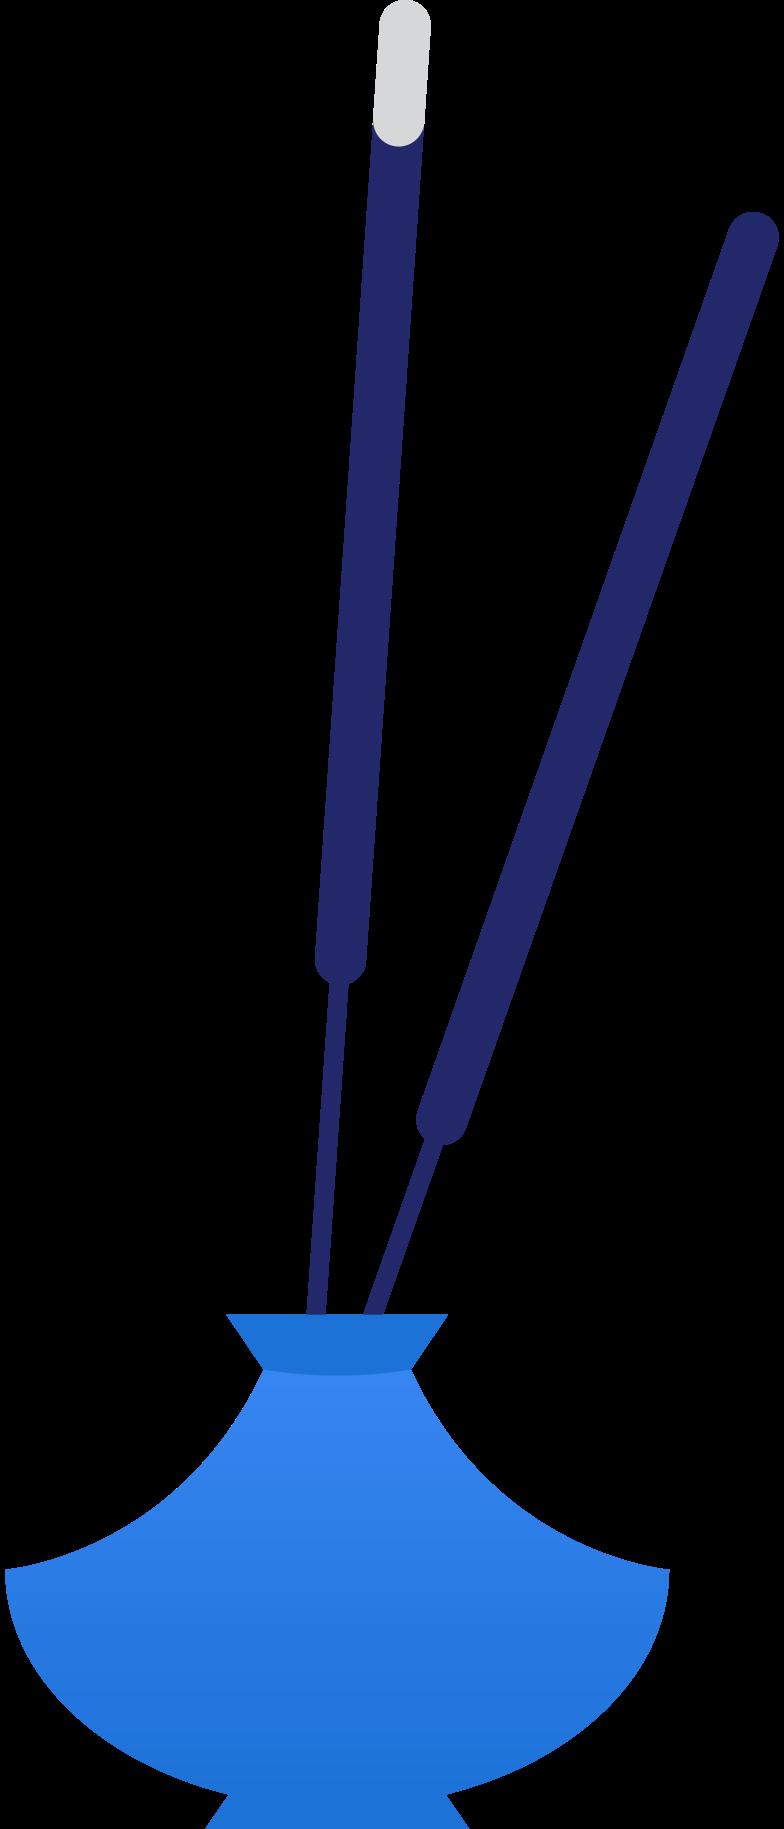 스타일 인도 향 PNG 및 SVG 형식의 벡터 이미지   Icons8 일러스트레이션